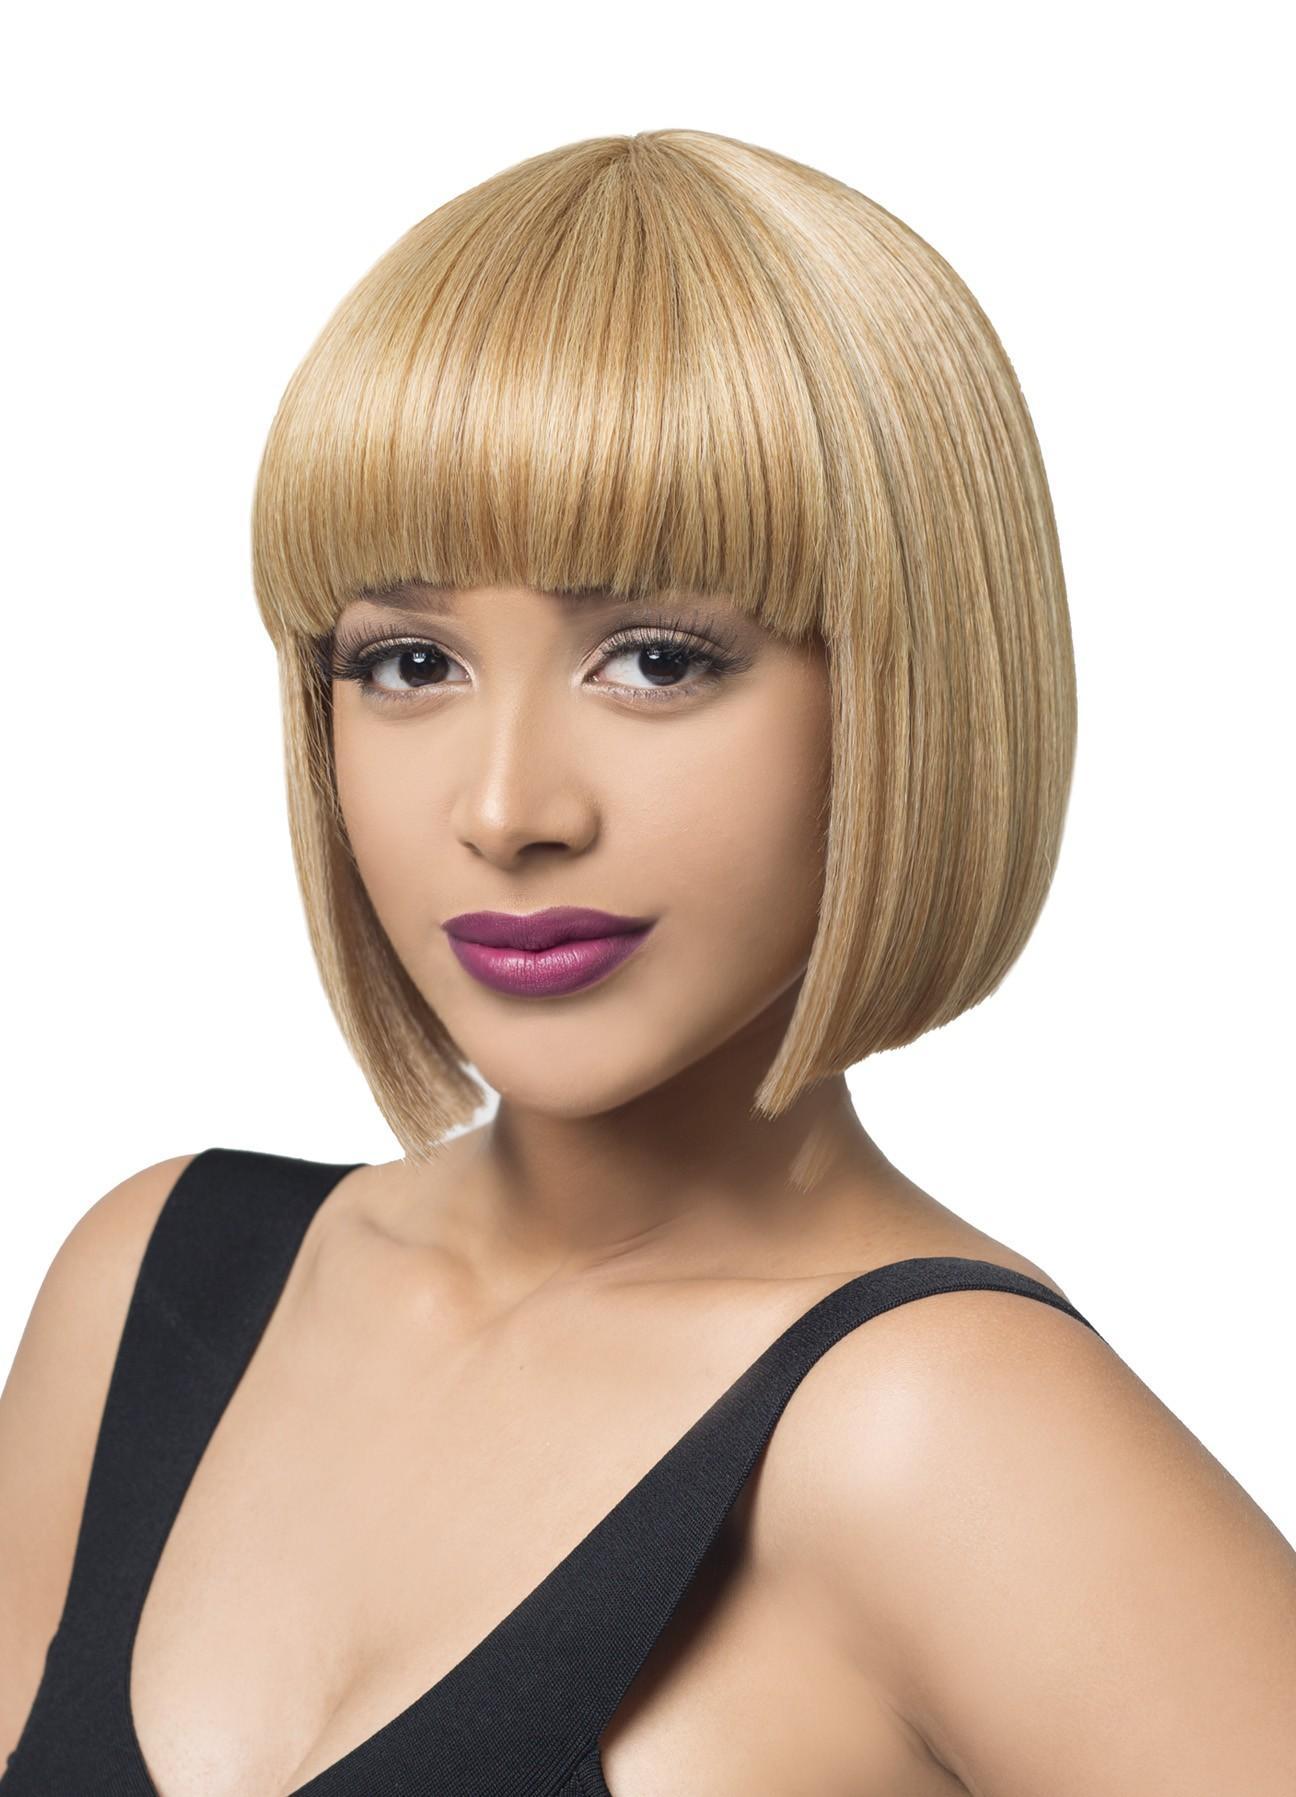 Mega Rihanna Hair Topic Synthetic Wig Short Bob Cleopatra Style